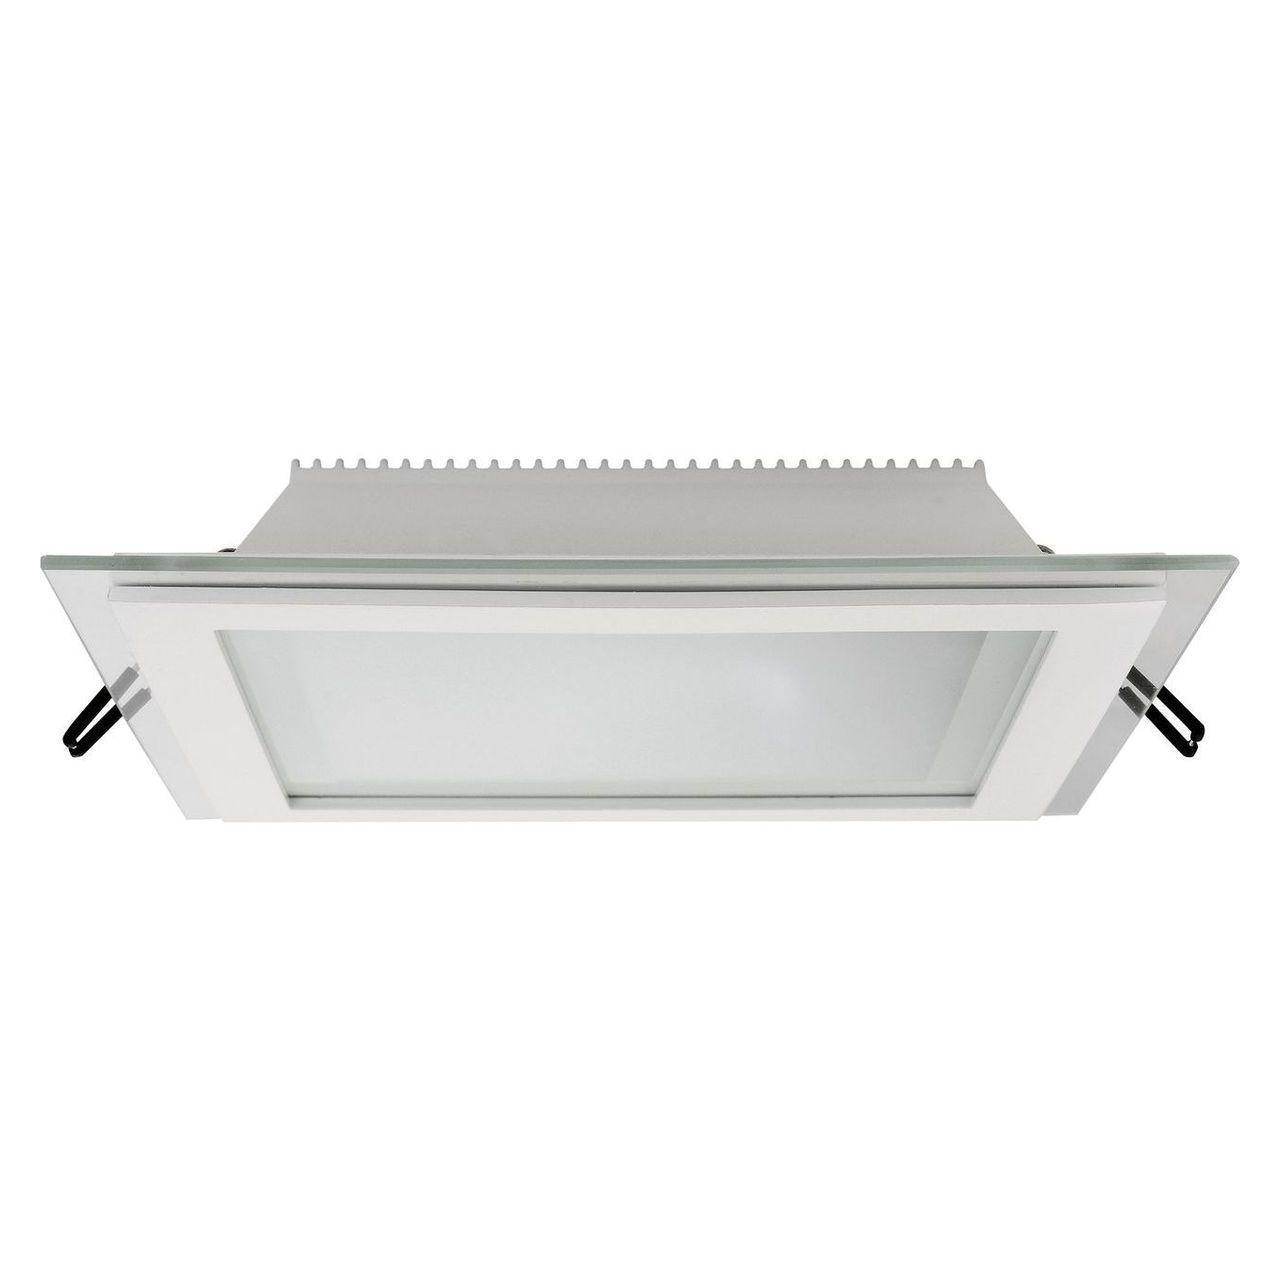 Встраиваемый светодиодный светильник Horoz 15W 3000K белый 016-015-0015 (HL686LG) встраиваемый светодиодный светильник horoz 15w 6000к белый 016 017 0015 hl6756l